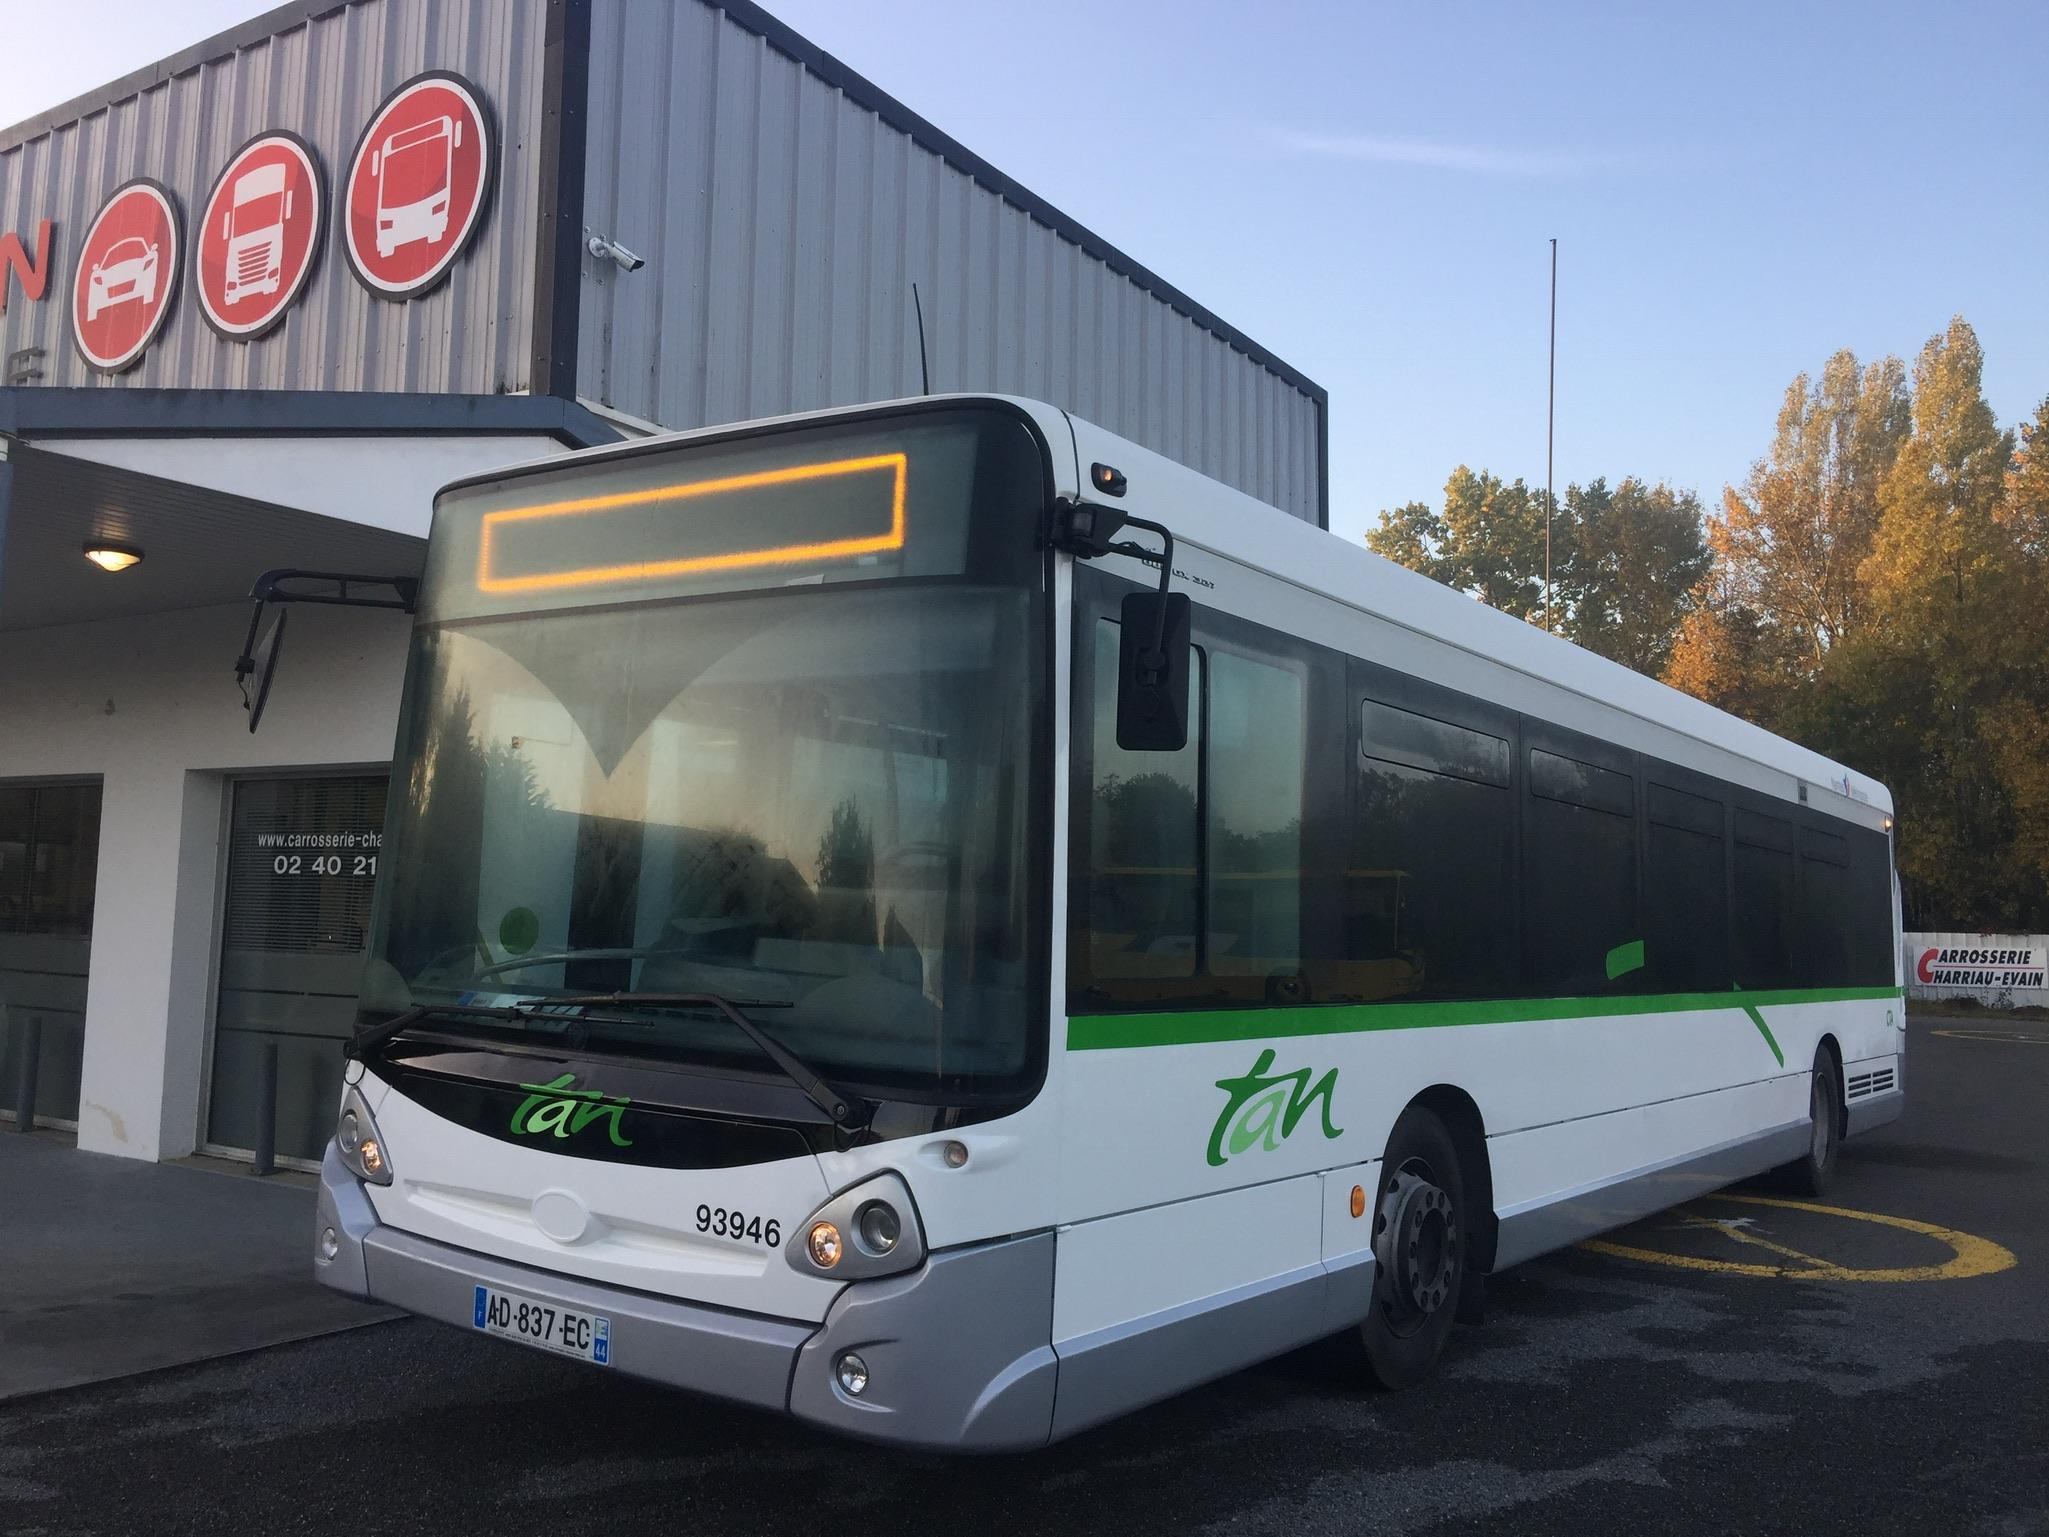 Carrosserie Peinture Autobus